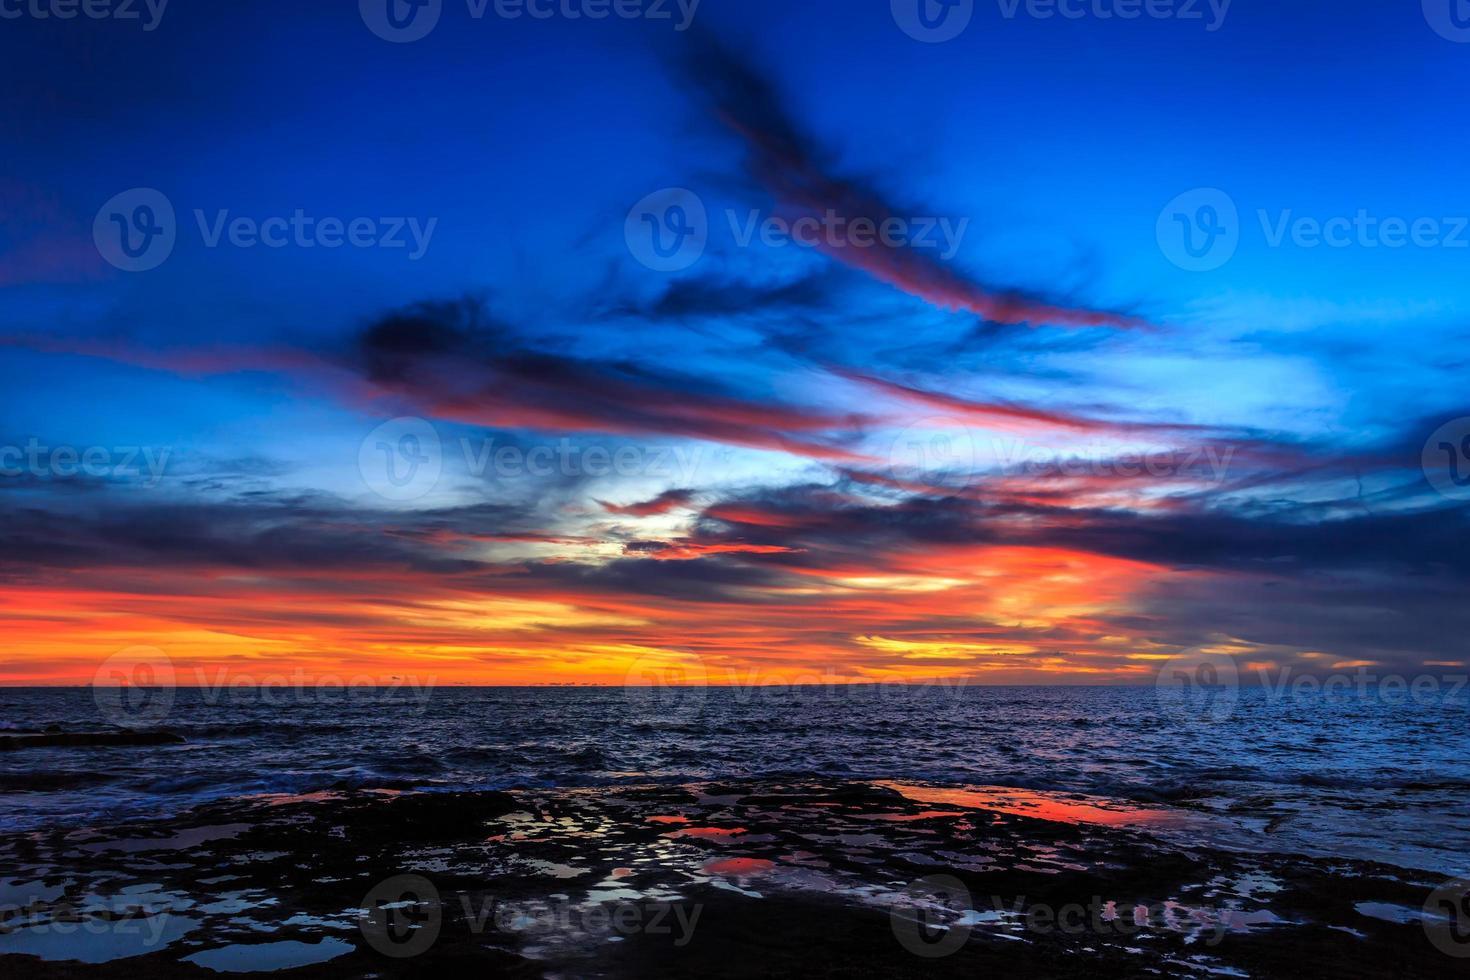 drammatico tramonto a bali foto